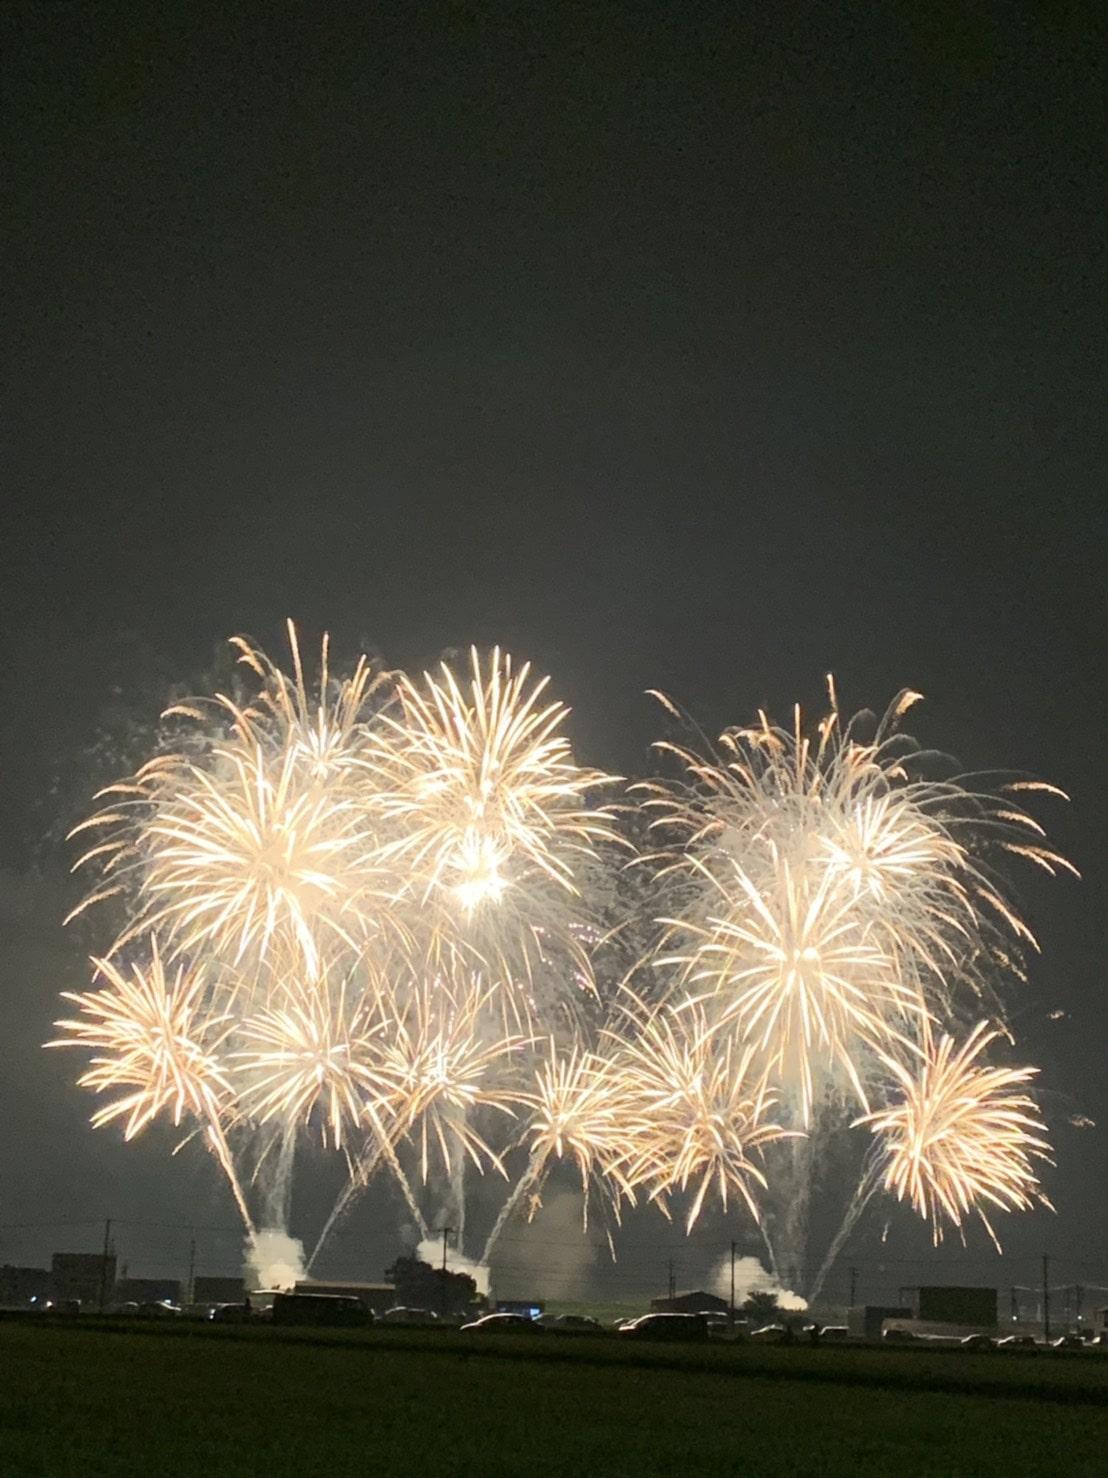 辰口自動車販売 夏の花火観覧会